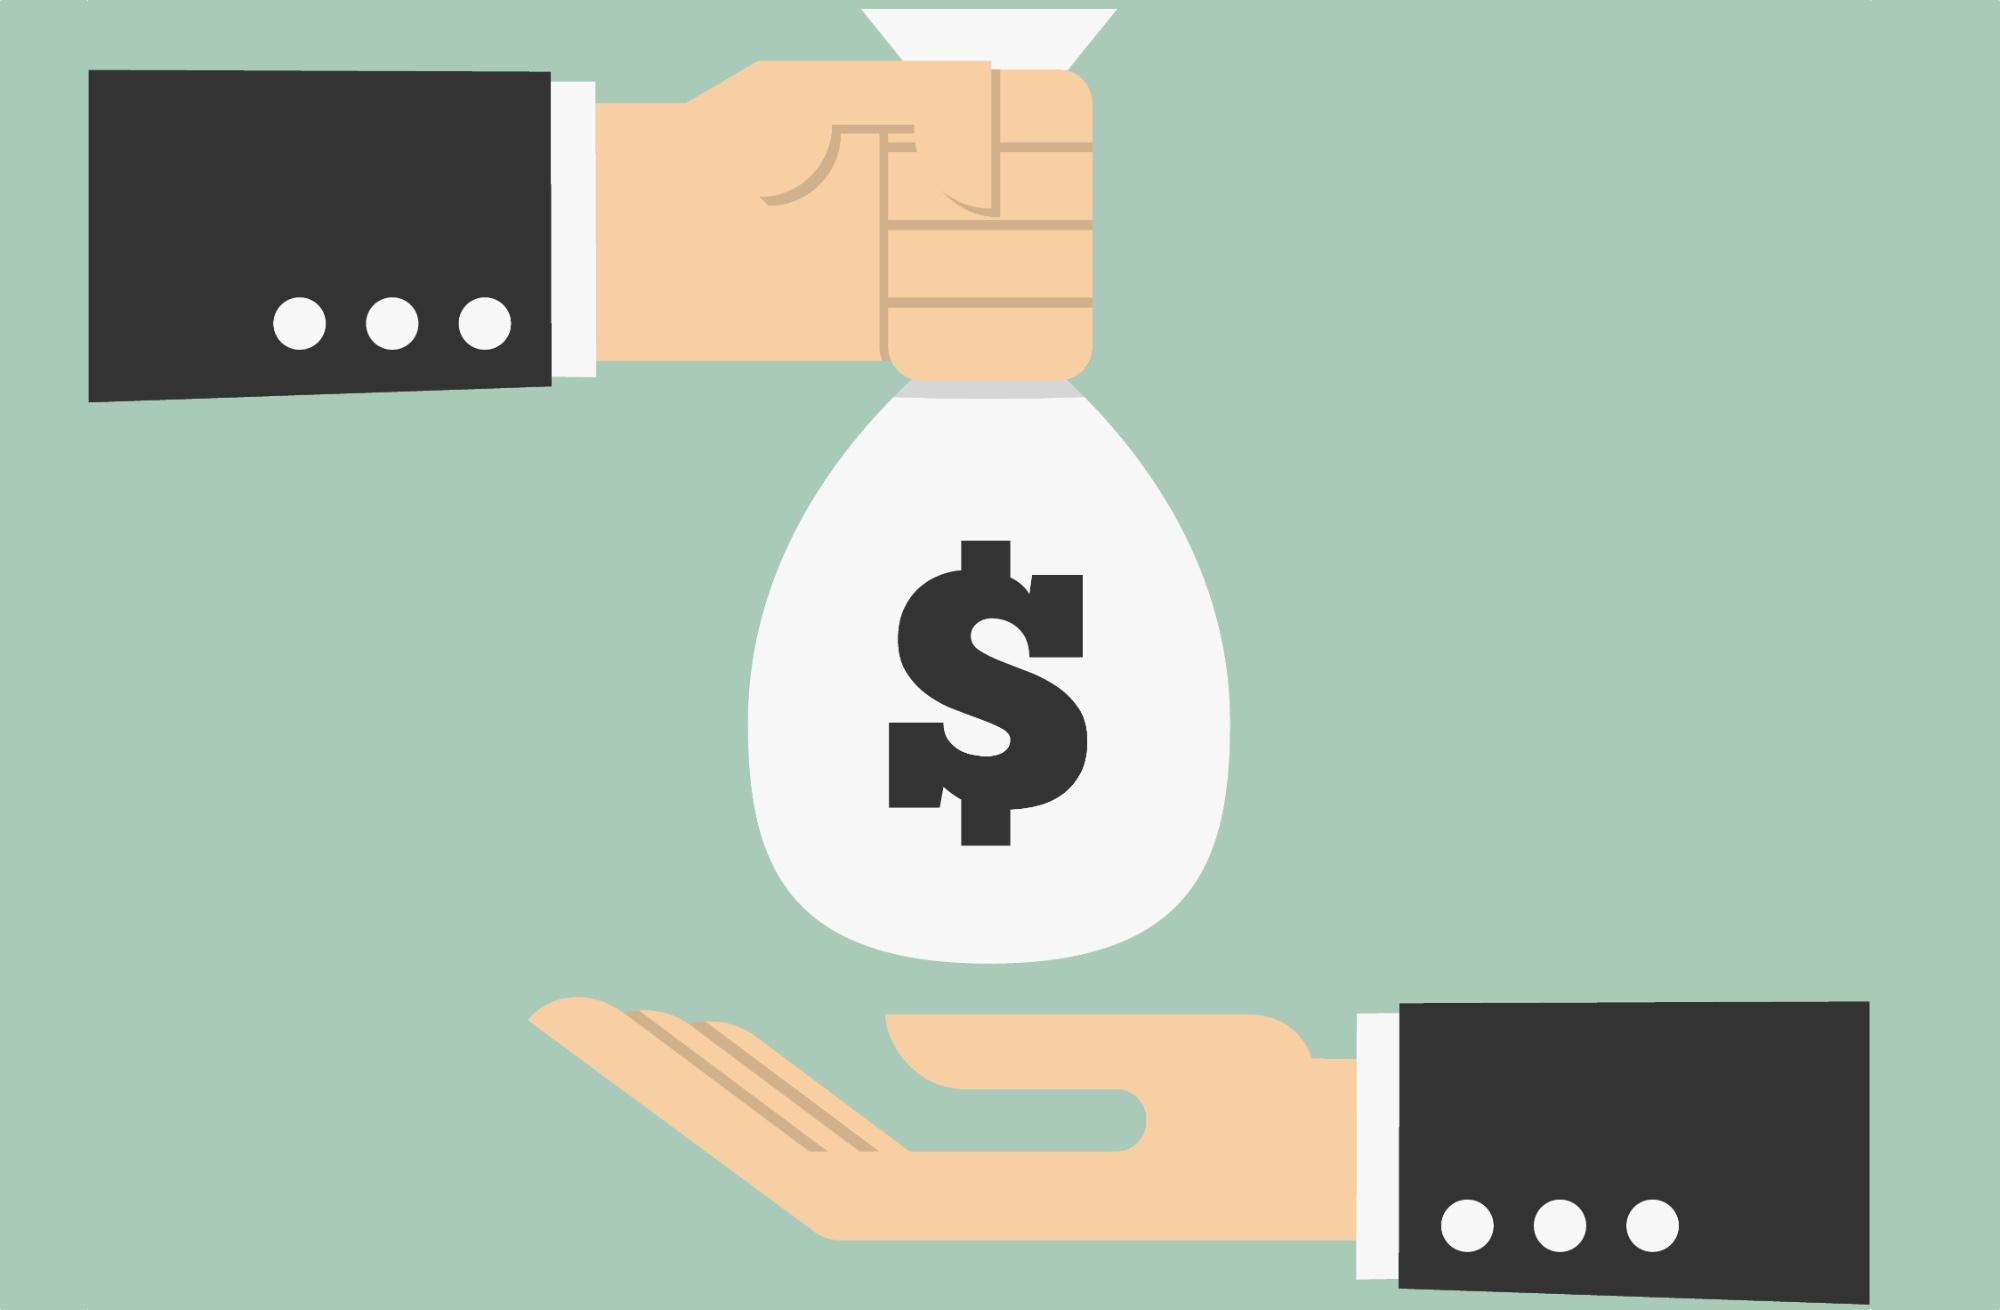 نرم افزار حقوق و دستمزد پندار سیستم